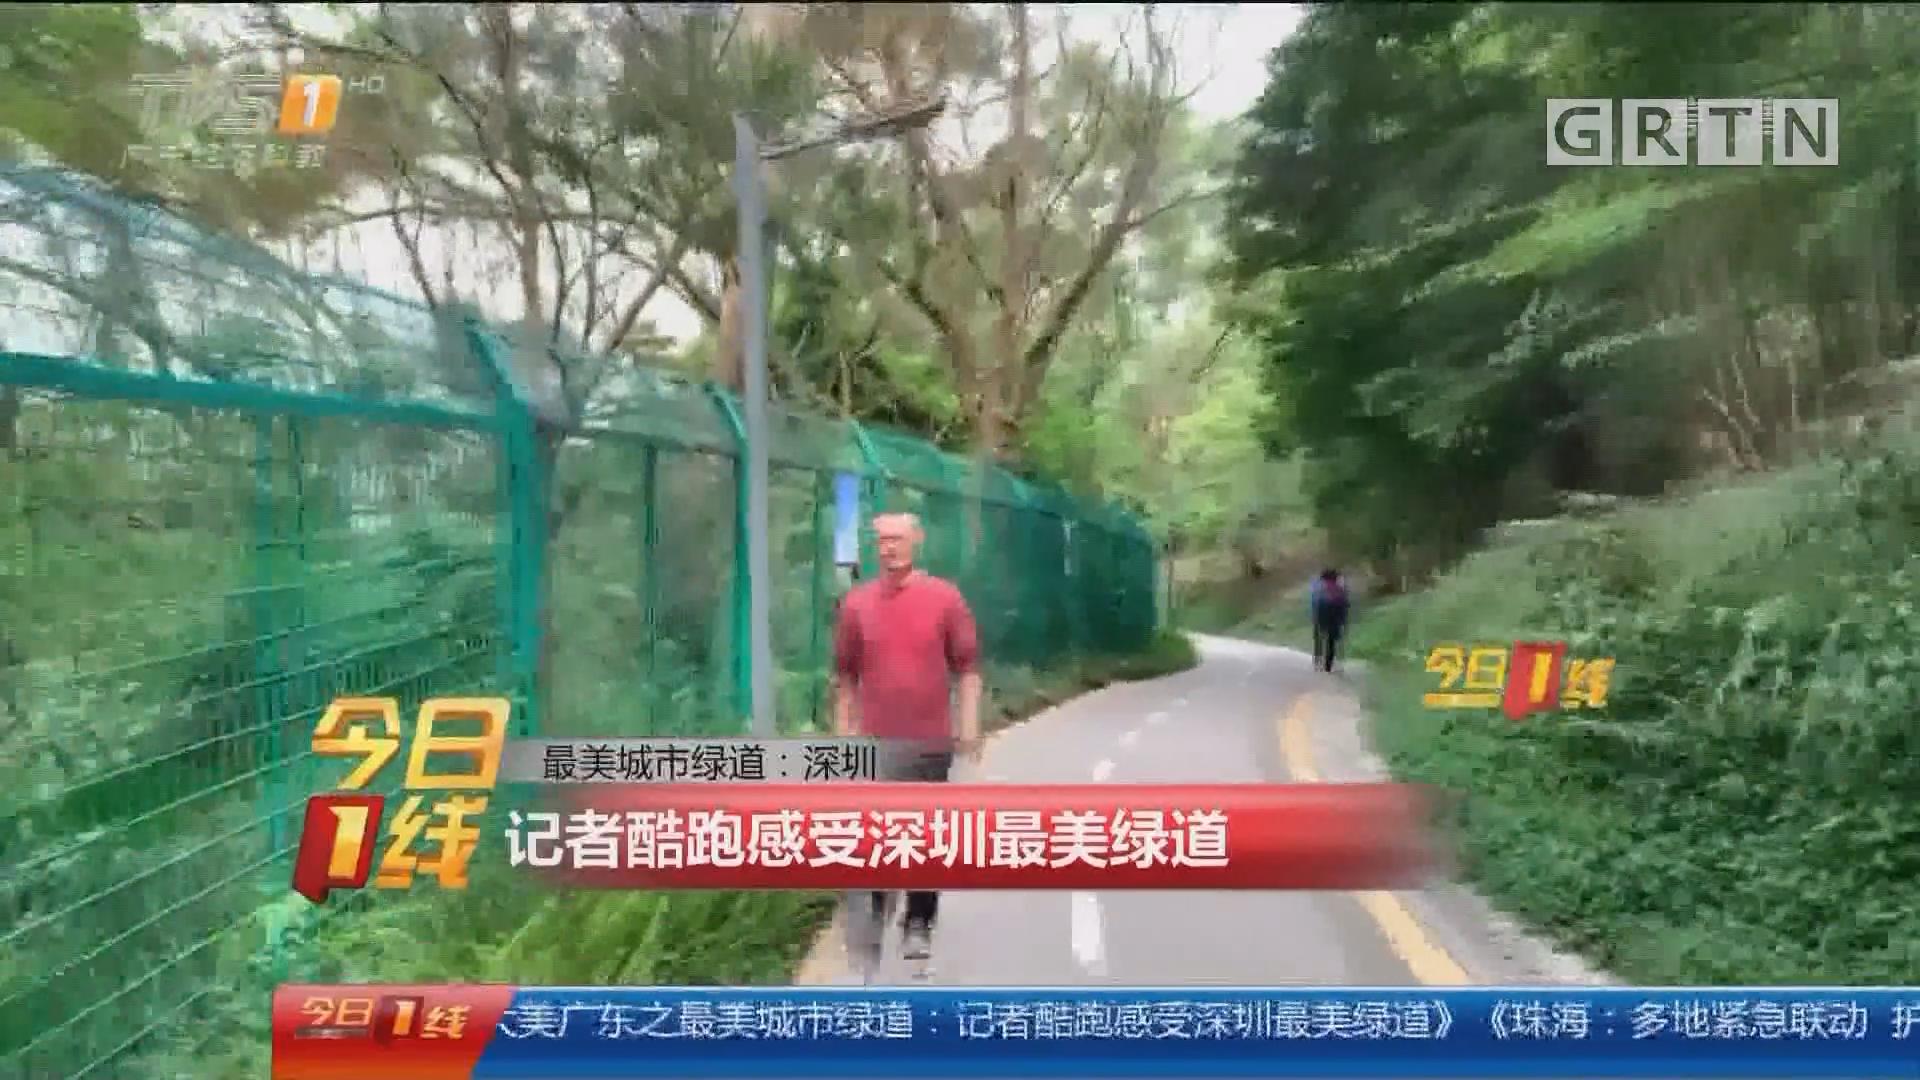 最美城市绿道:深圳 记者酷跑感受深圳最美绿道